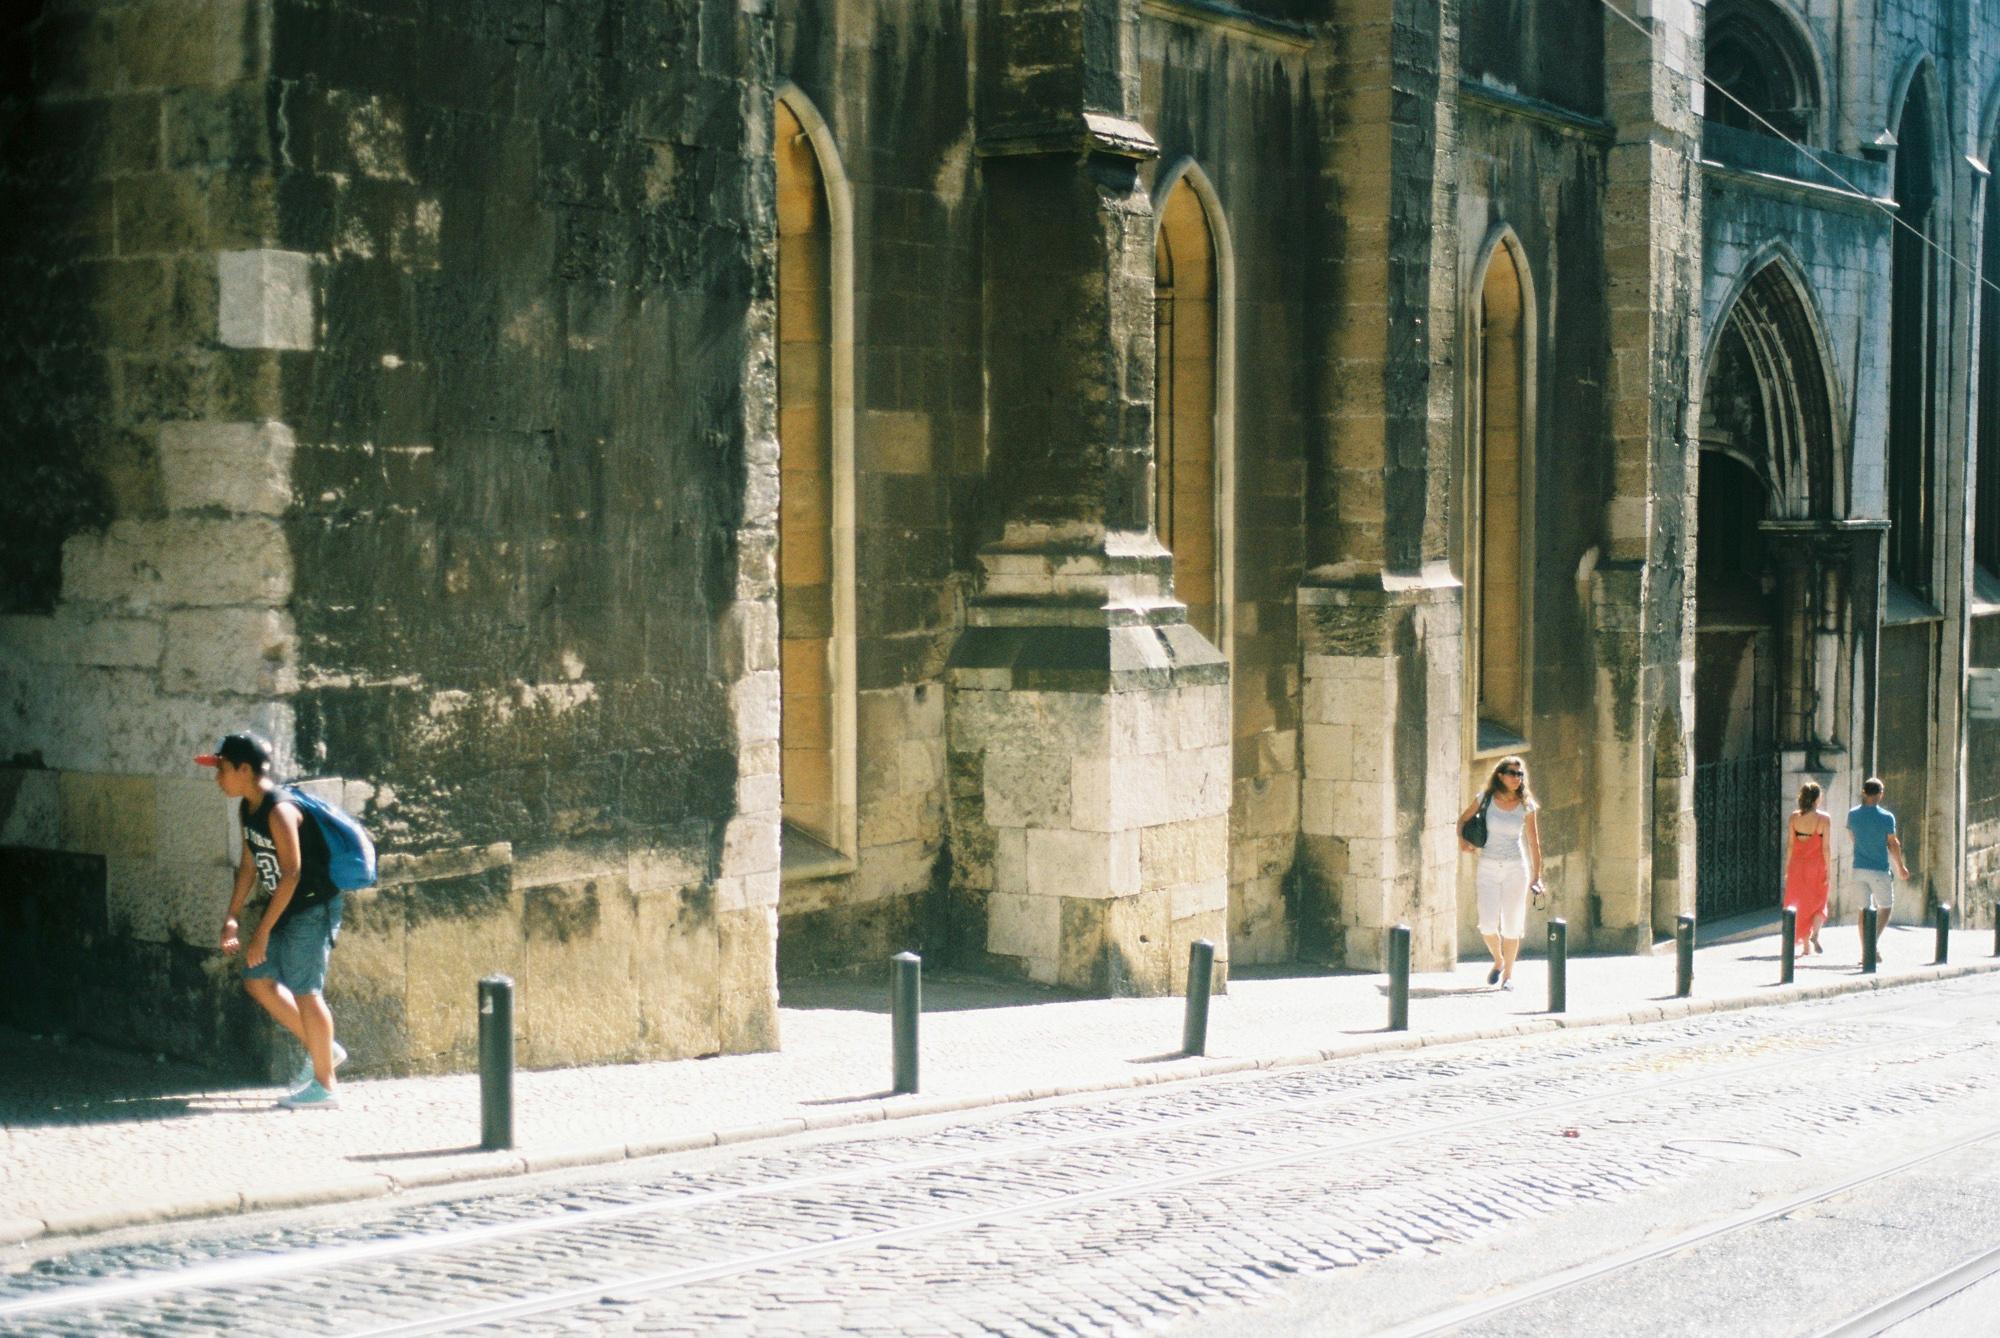 Fotografia-Analogica-Lisboa-Filme-Oceanica-3.jpg